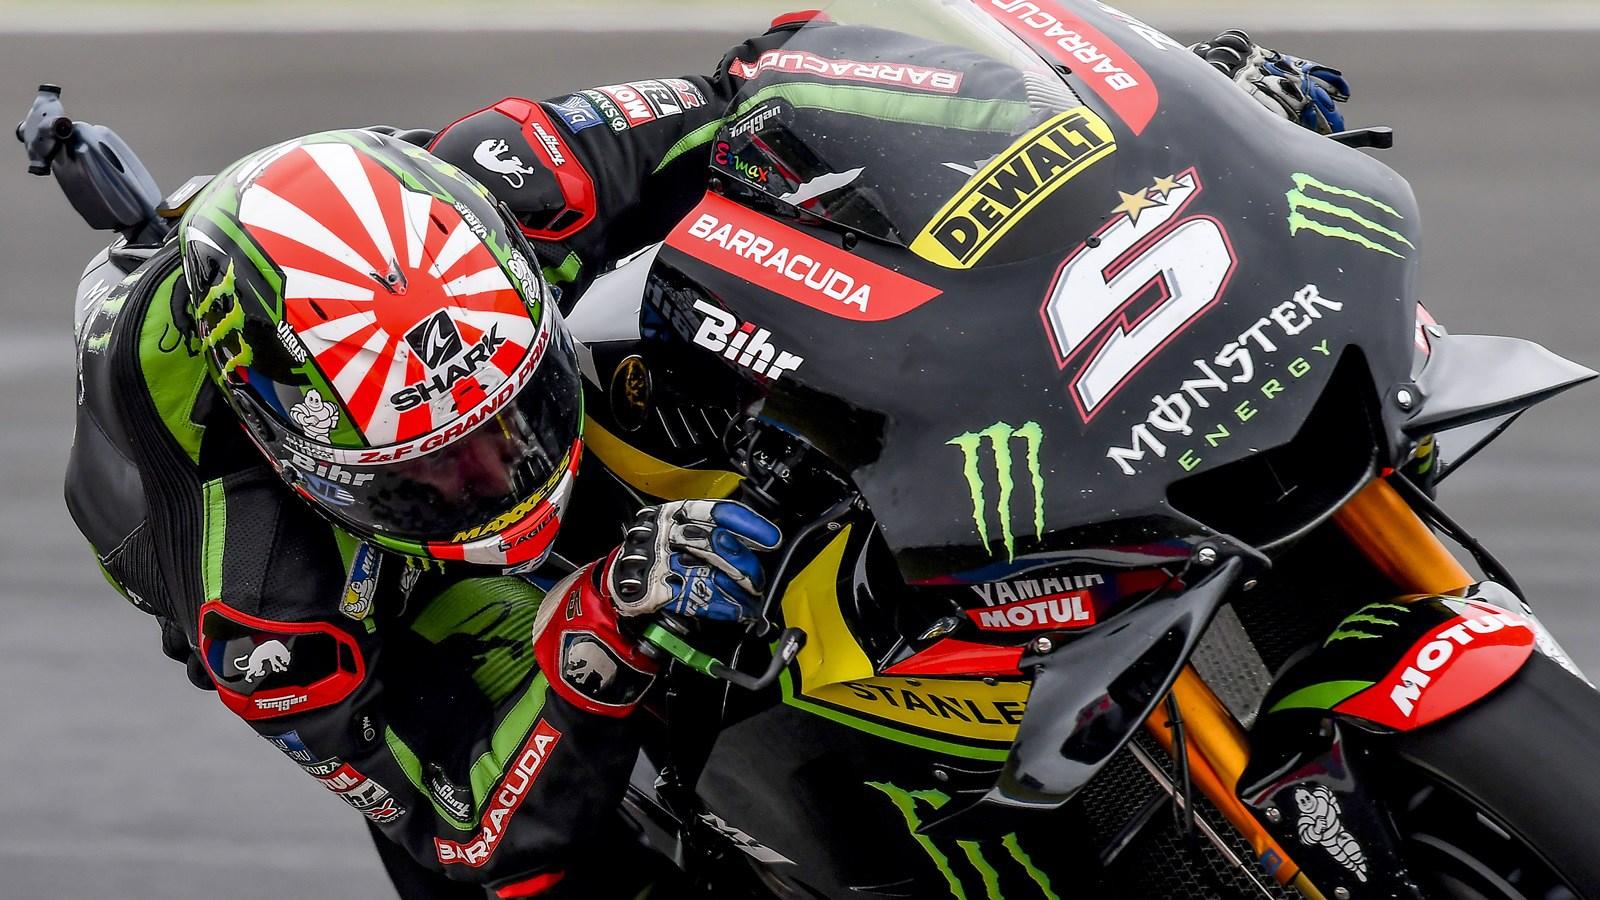 MotoGP – Zarco defends Rossi from certain accusations